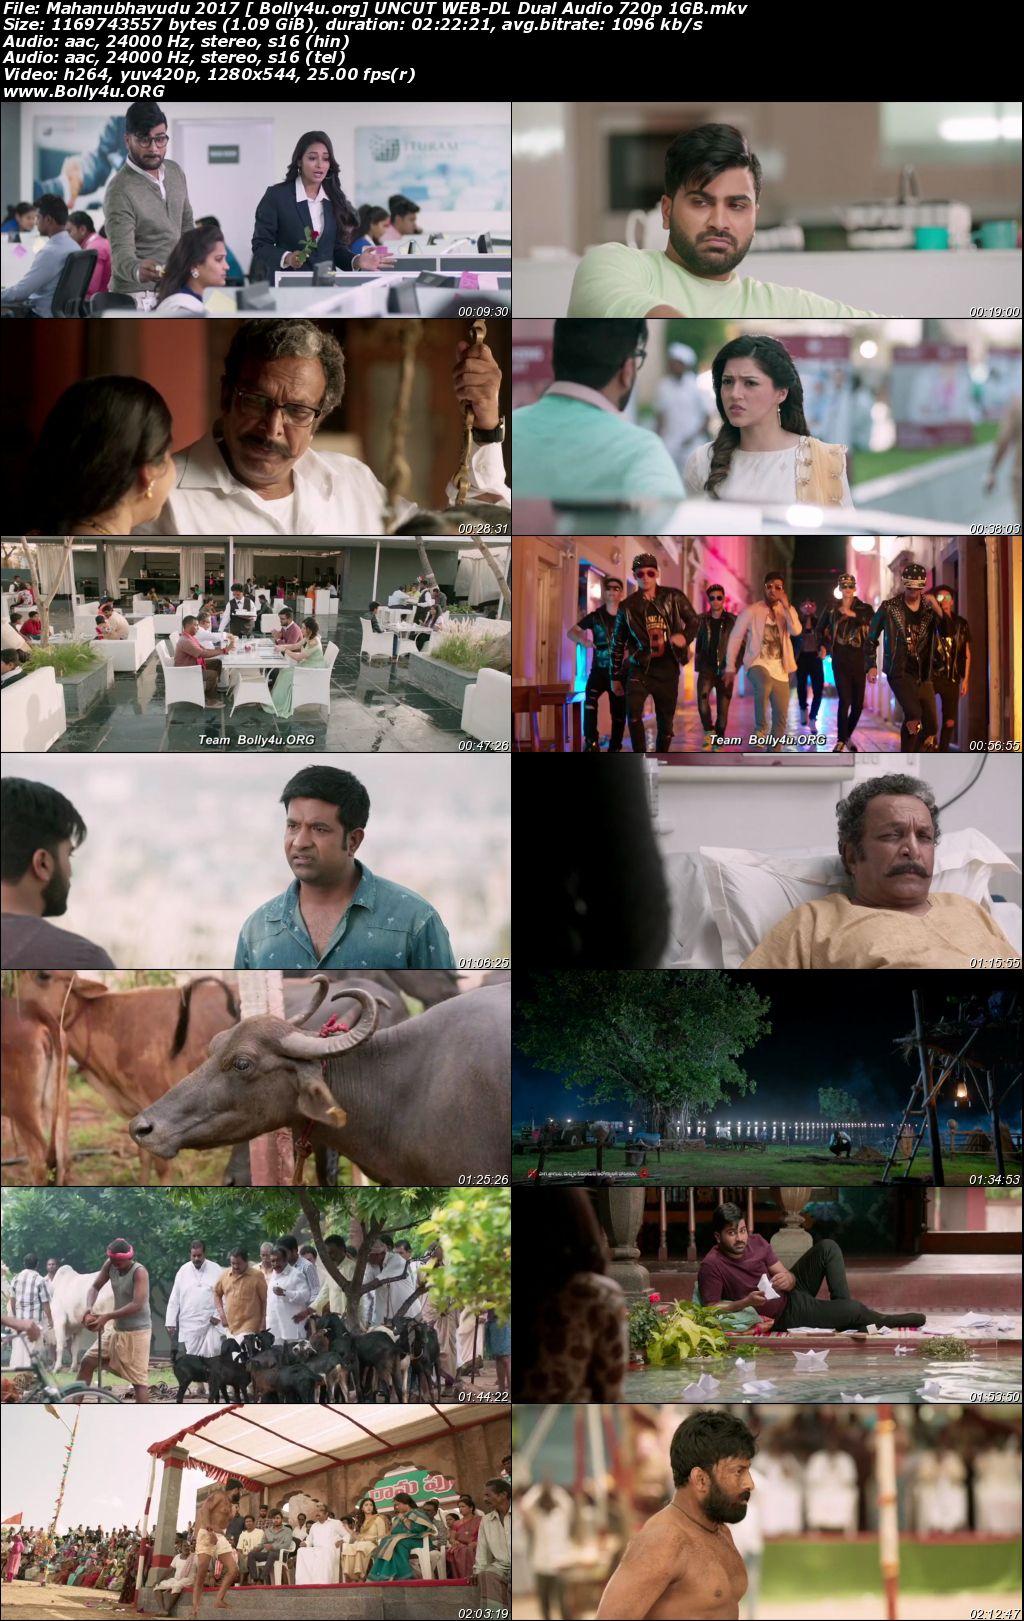 Mahanubhavudu 2017 WEB-DL 450MB UNCUT Hindi Dual Audio 480p Download